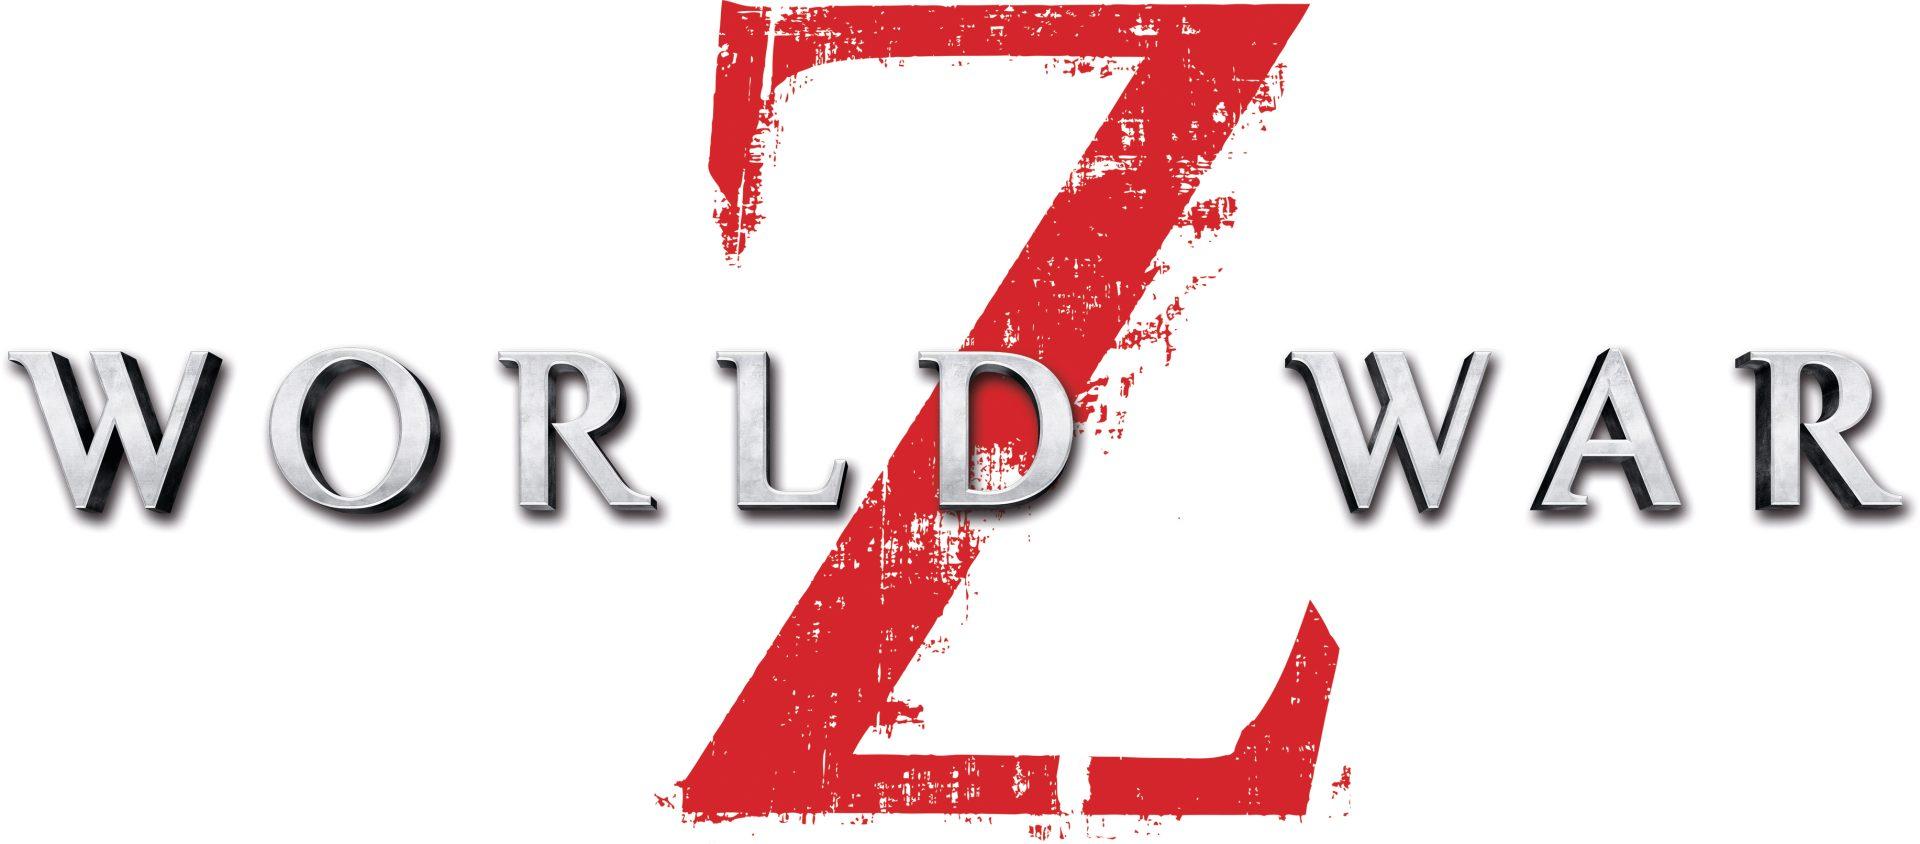 World War Z 2 Archives - Horror News Network - The Horror